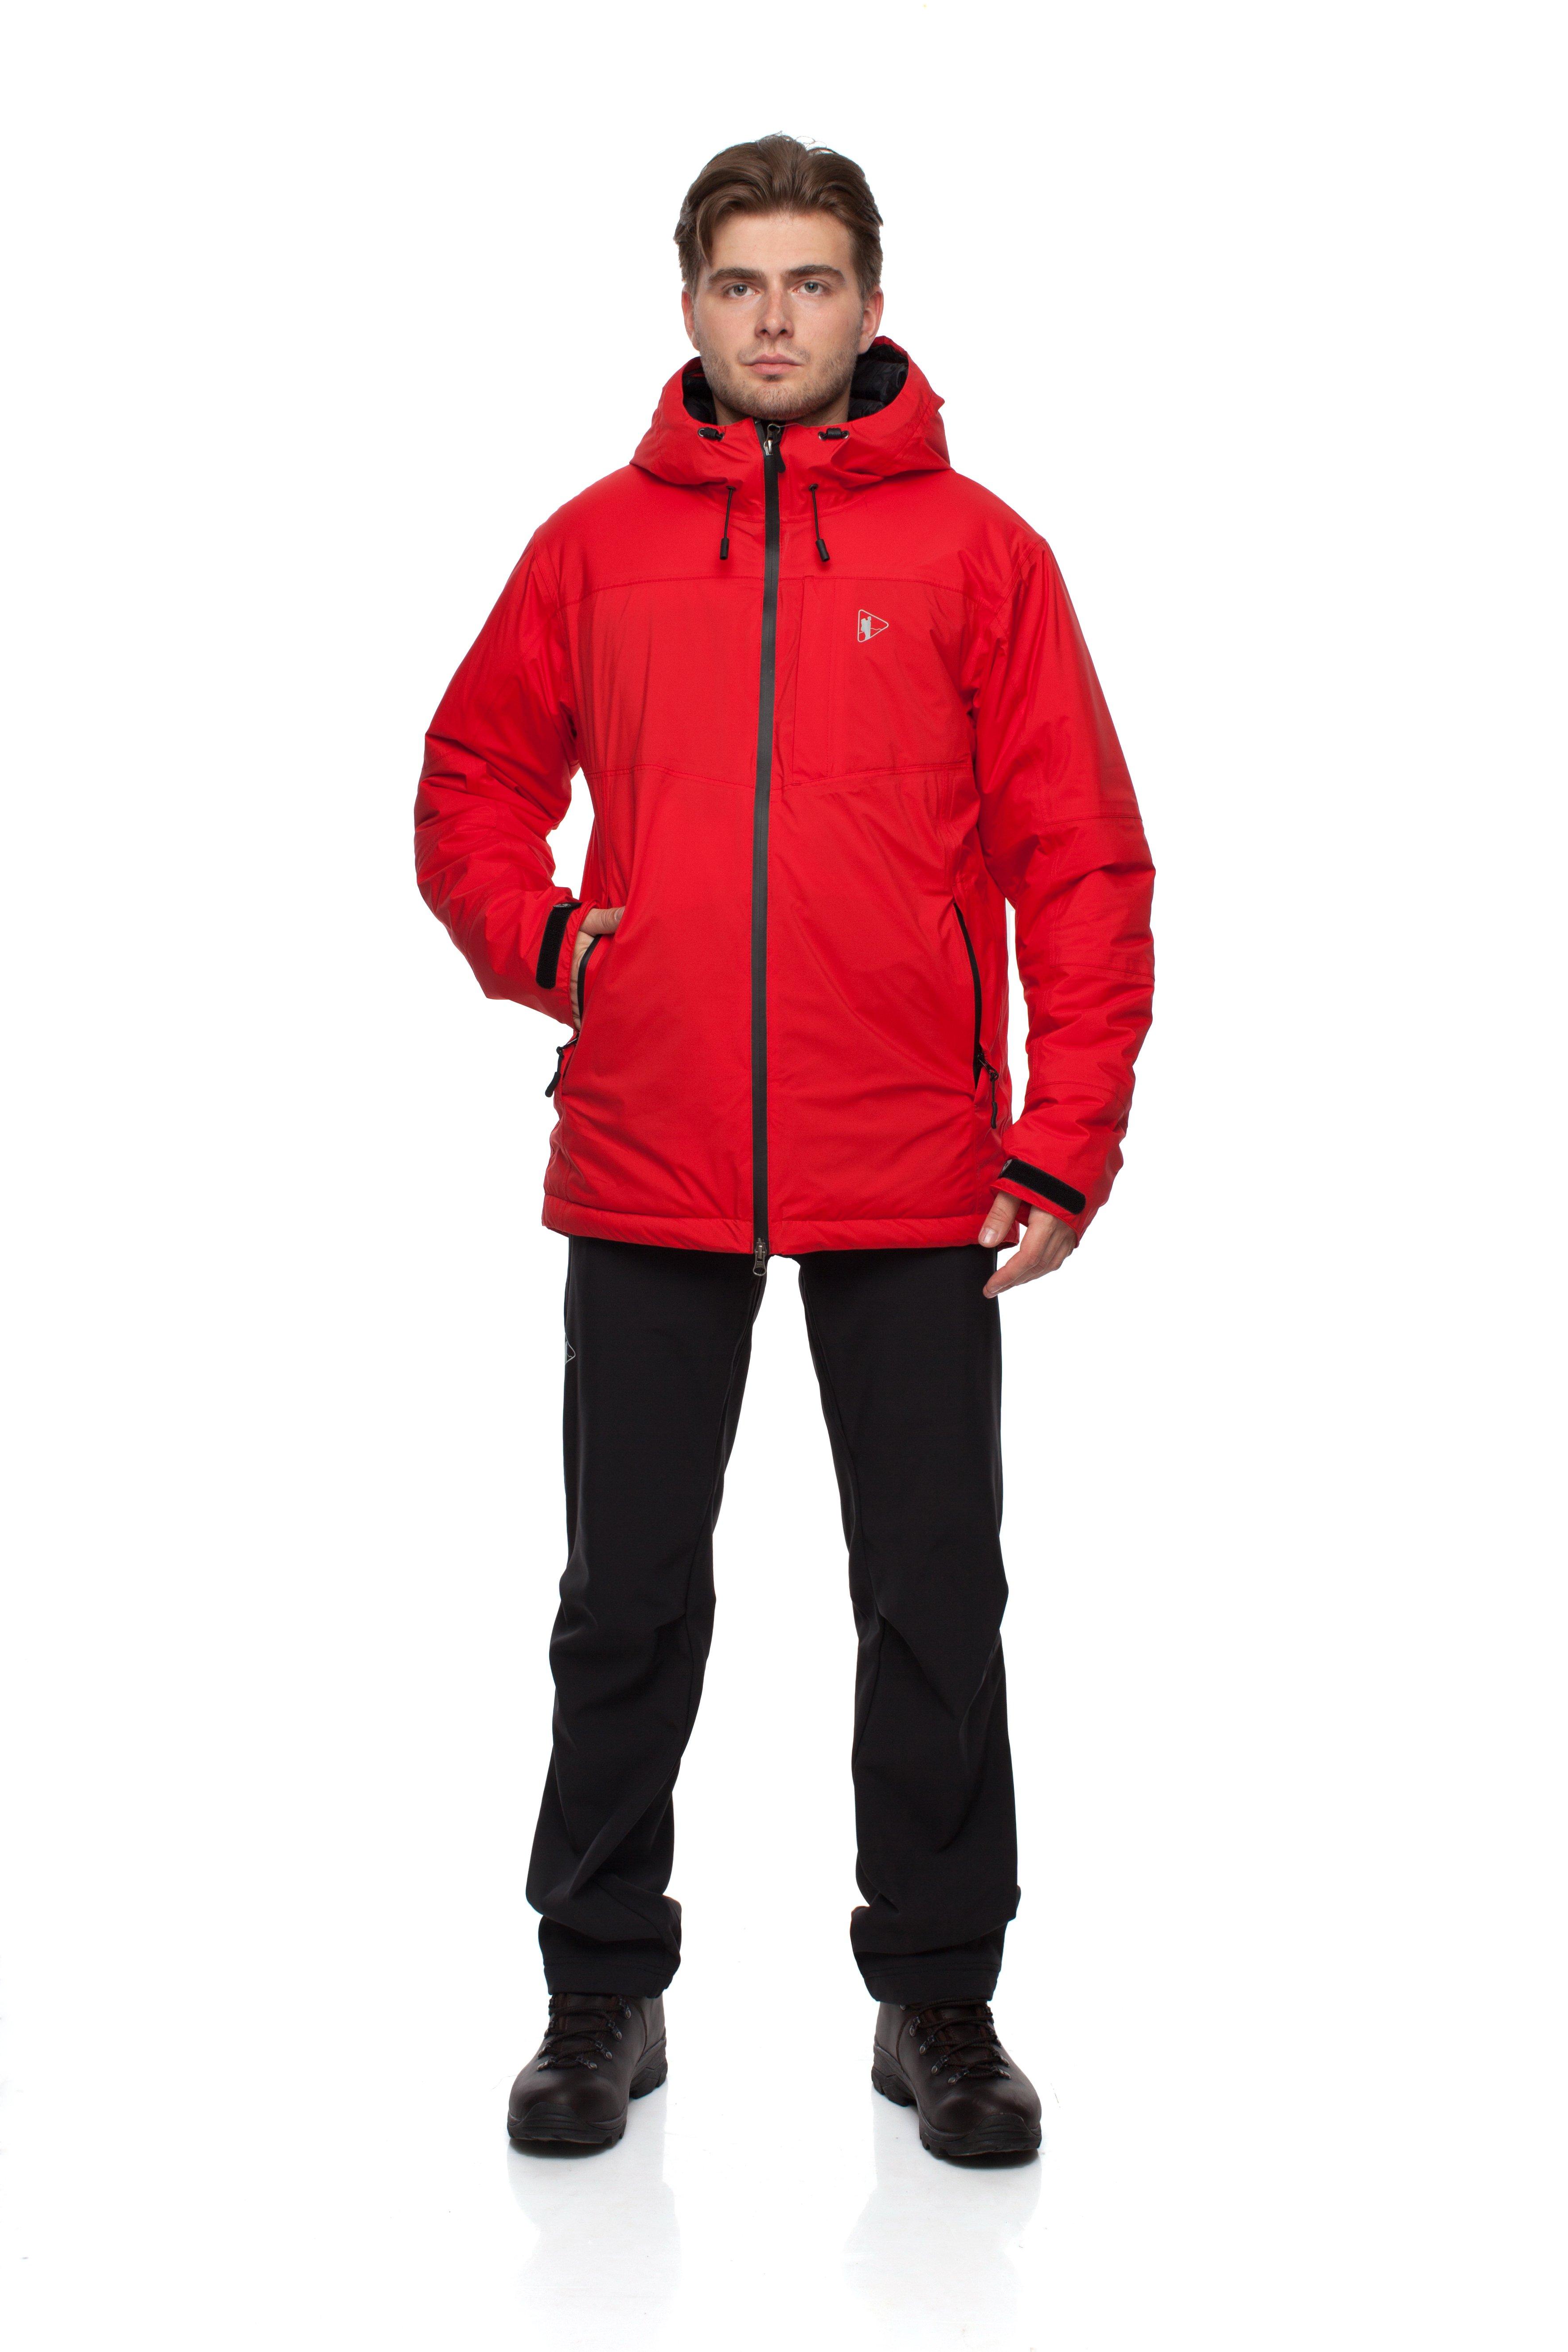 Куртка BASK GILGIT 3794Куртка мужская универсальная с проклеенными швами. Позволяет в силу хороших дышаших свойств мембраны эксплуатировать&amp;nbsp;в условиях повышенной влажности, дожде и мокром снеге.<br><br>Верхняя ткань: Gelanots® 2L<br>Ветро-влагозащитные свойства верхней ткани: Да<br>Ветрозащитная планка: Да<br>Ветрозащитная юбка: Нет<br>Влагозащитные молнии: Да<br>Внутренние манжеты: Нет<br>Внутренняя ткань: Advance® Classic<br>Водонепроницаемость: 20000<br>Дублирующий центральную молнию клапан: Нет<br>Защитный козырёк капюшона: Нет<br>Капюшон: несъемный<br>Карман для средств связи: Нет<br>Количество внешних карманов: 3<br>Количество внутренних карманов: 2<br>Мембрана: Gelanots®<br>Объемный крой локтевой зоны: Да<br>Отстёгивающиеся рукава: Нет<br>Паропроницаемость: 15000<br>Пол: Муж.<br>Проклейка швов: Да<br>Размеры: S - XXL<br>Регулировка манжетов рукавов: Да<br>Регулировка низа: Да<br>Регулировка объёма капюшона: Да<br>Регулировка талии: Да<br>Регулируемые вентиляционные отверстия: Нет<br>Световозвращающая лента: Нет<br>Температурный режим: -15<br>Технология Thermal Welding: Нет<br>Технология швов: проклеены<br>Тип молнии: двухзамковая влагозащитная<br>Тип утеплителя: синтетический<br>Ткань усиления: нет<br>Усиление контактных зон: Нет<br>Утеплитель: Shelter®Sport<br>Размер INT: M<br>Цвет: СИНИЙ